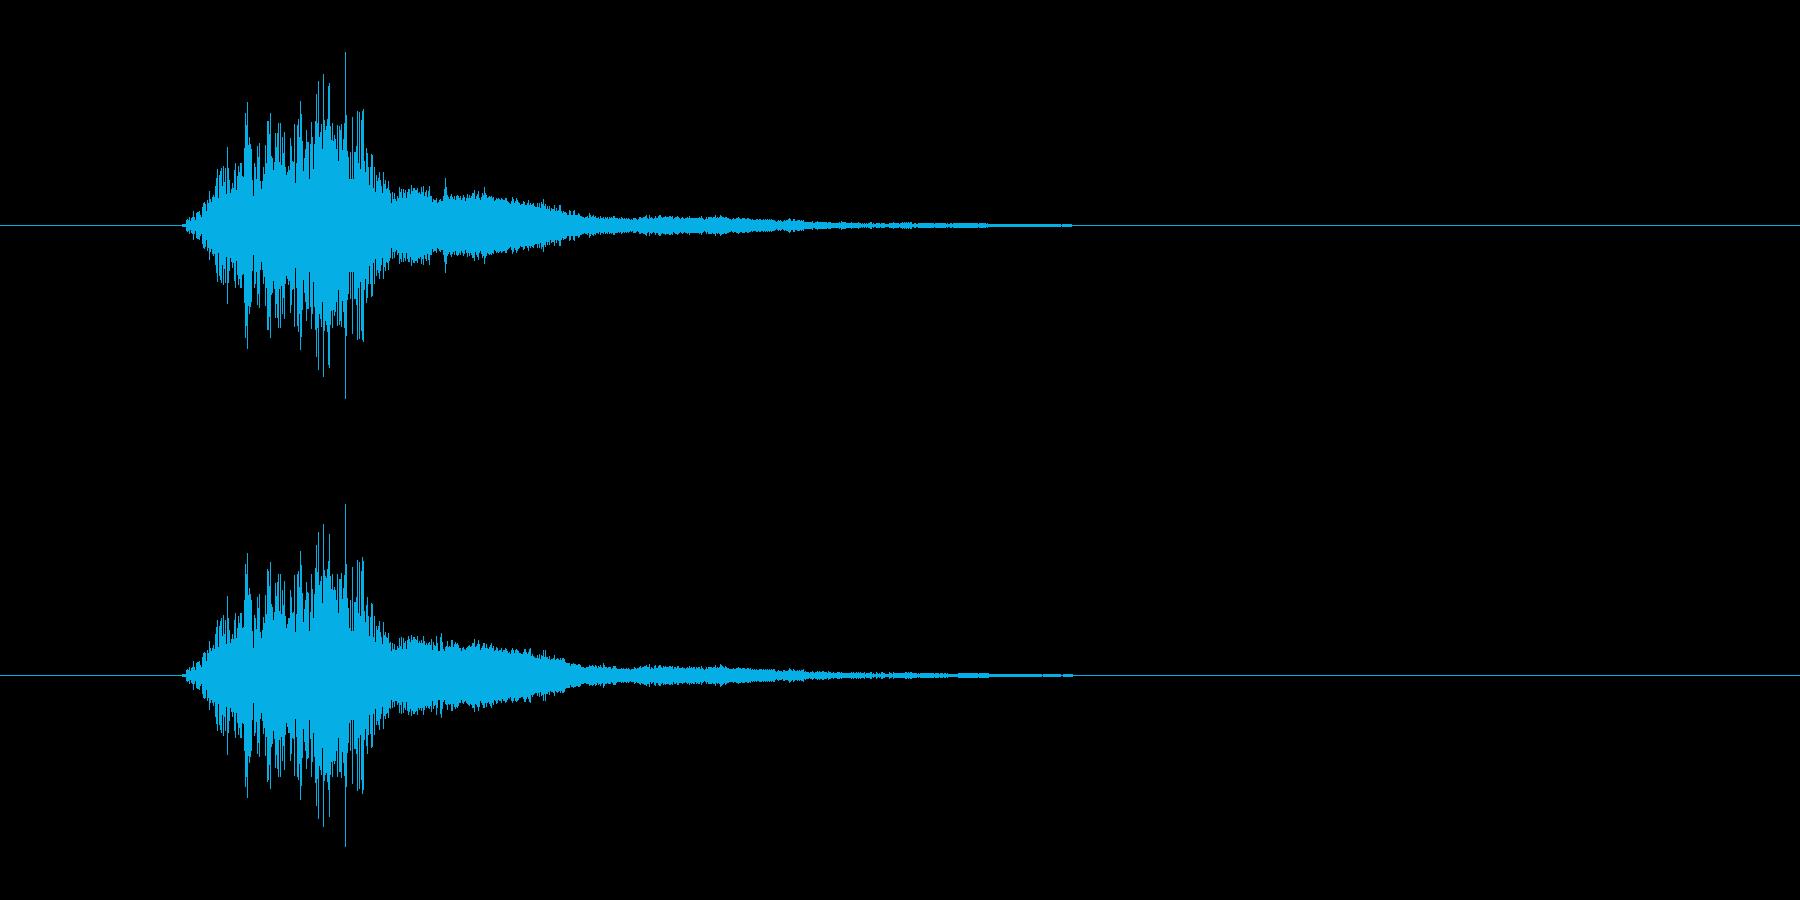 シャキーン 剣を高くかざす演出の時の音…の再生済みの波形